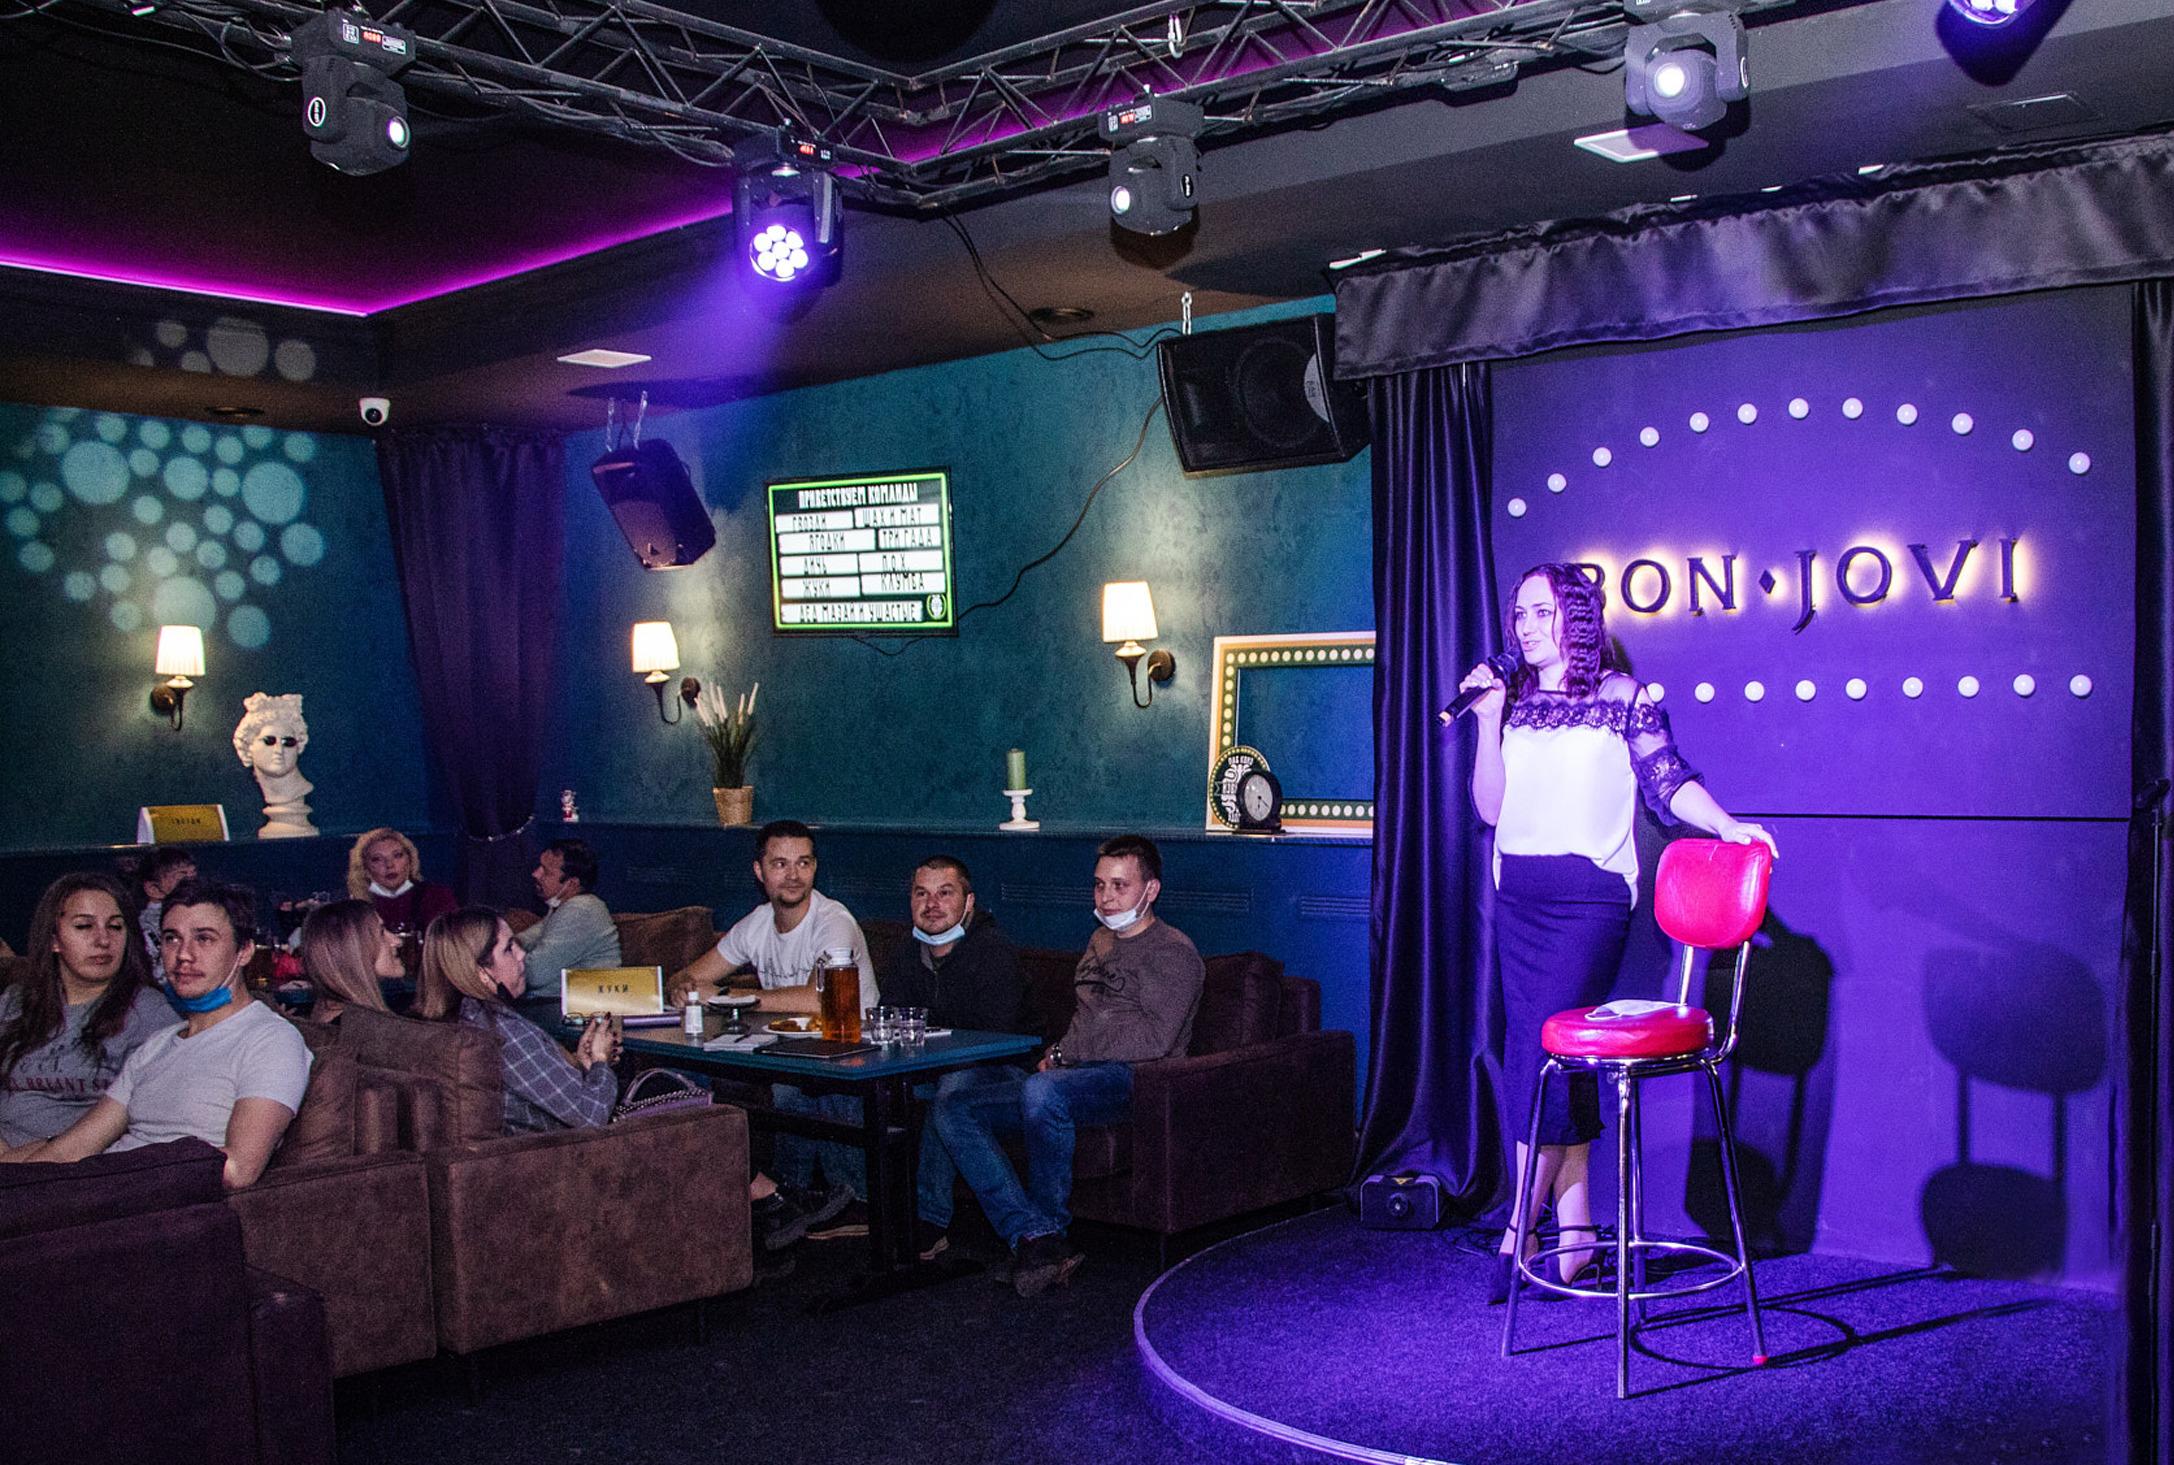 Жительница Тверской области выиграла 1,6 миллиона рублей на свой бизнес